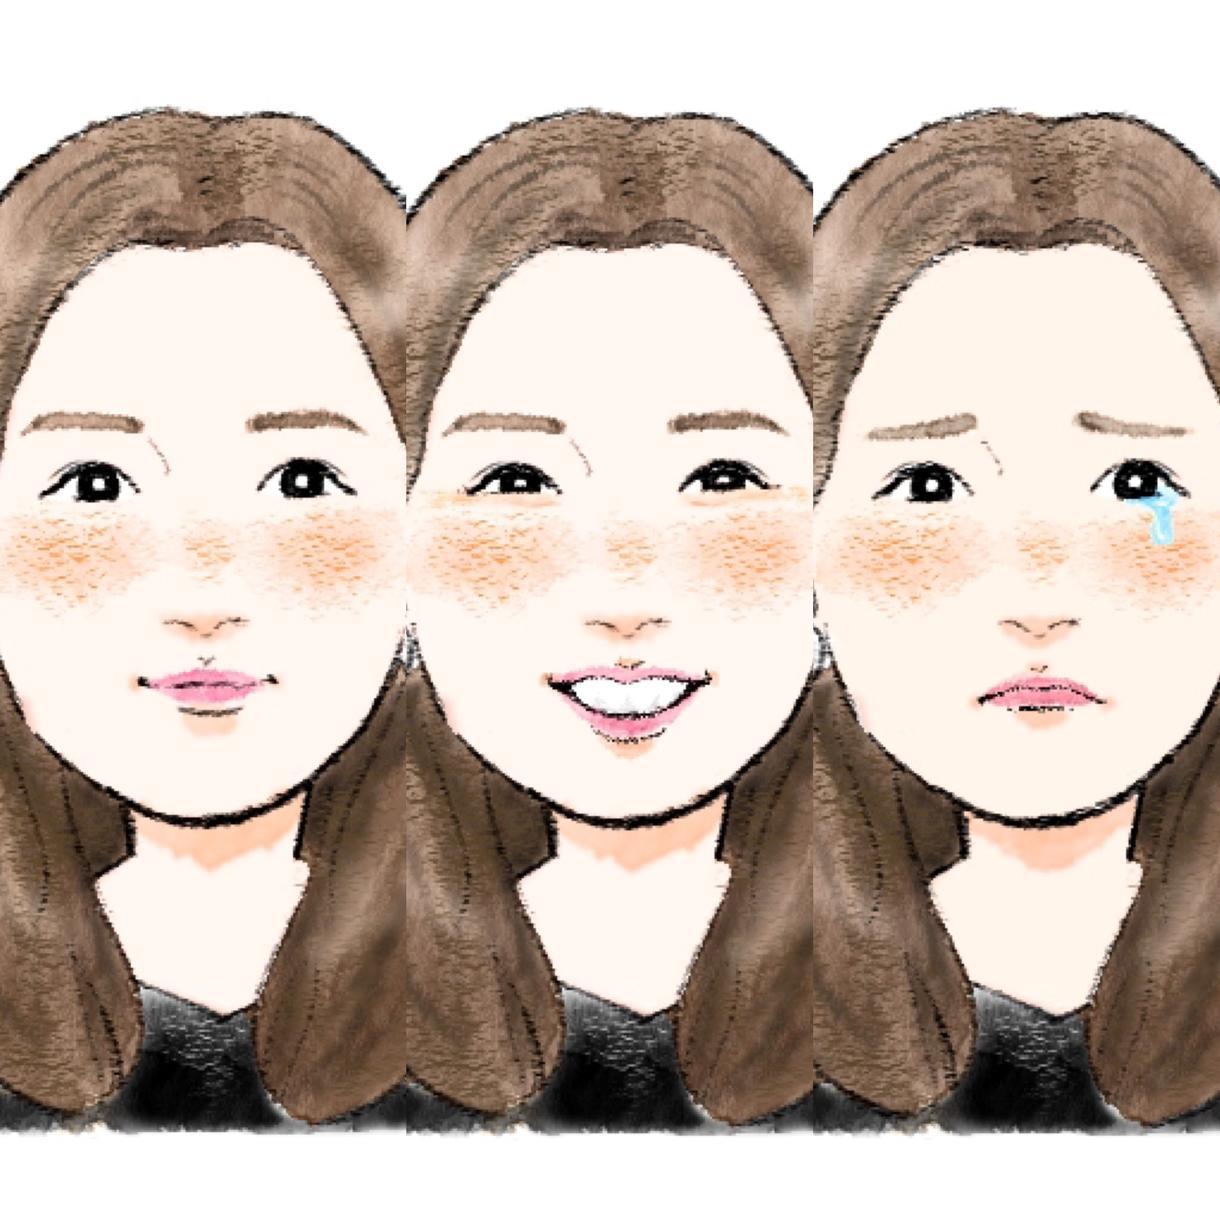 アイコンや名刺に!似てるデフォルメ似顔絵描きます 柔らかいタッチで特徴を捉えたデフォルメ化した似顔絵です♪